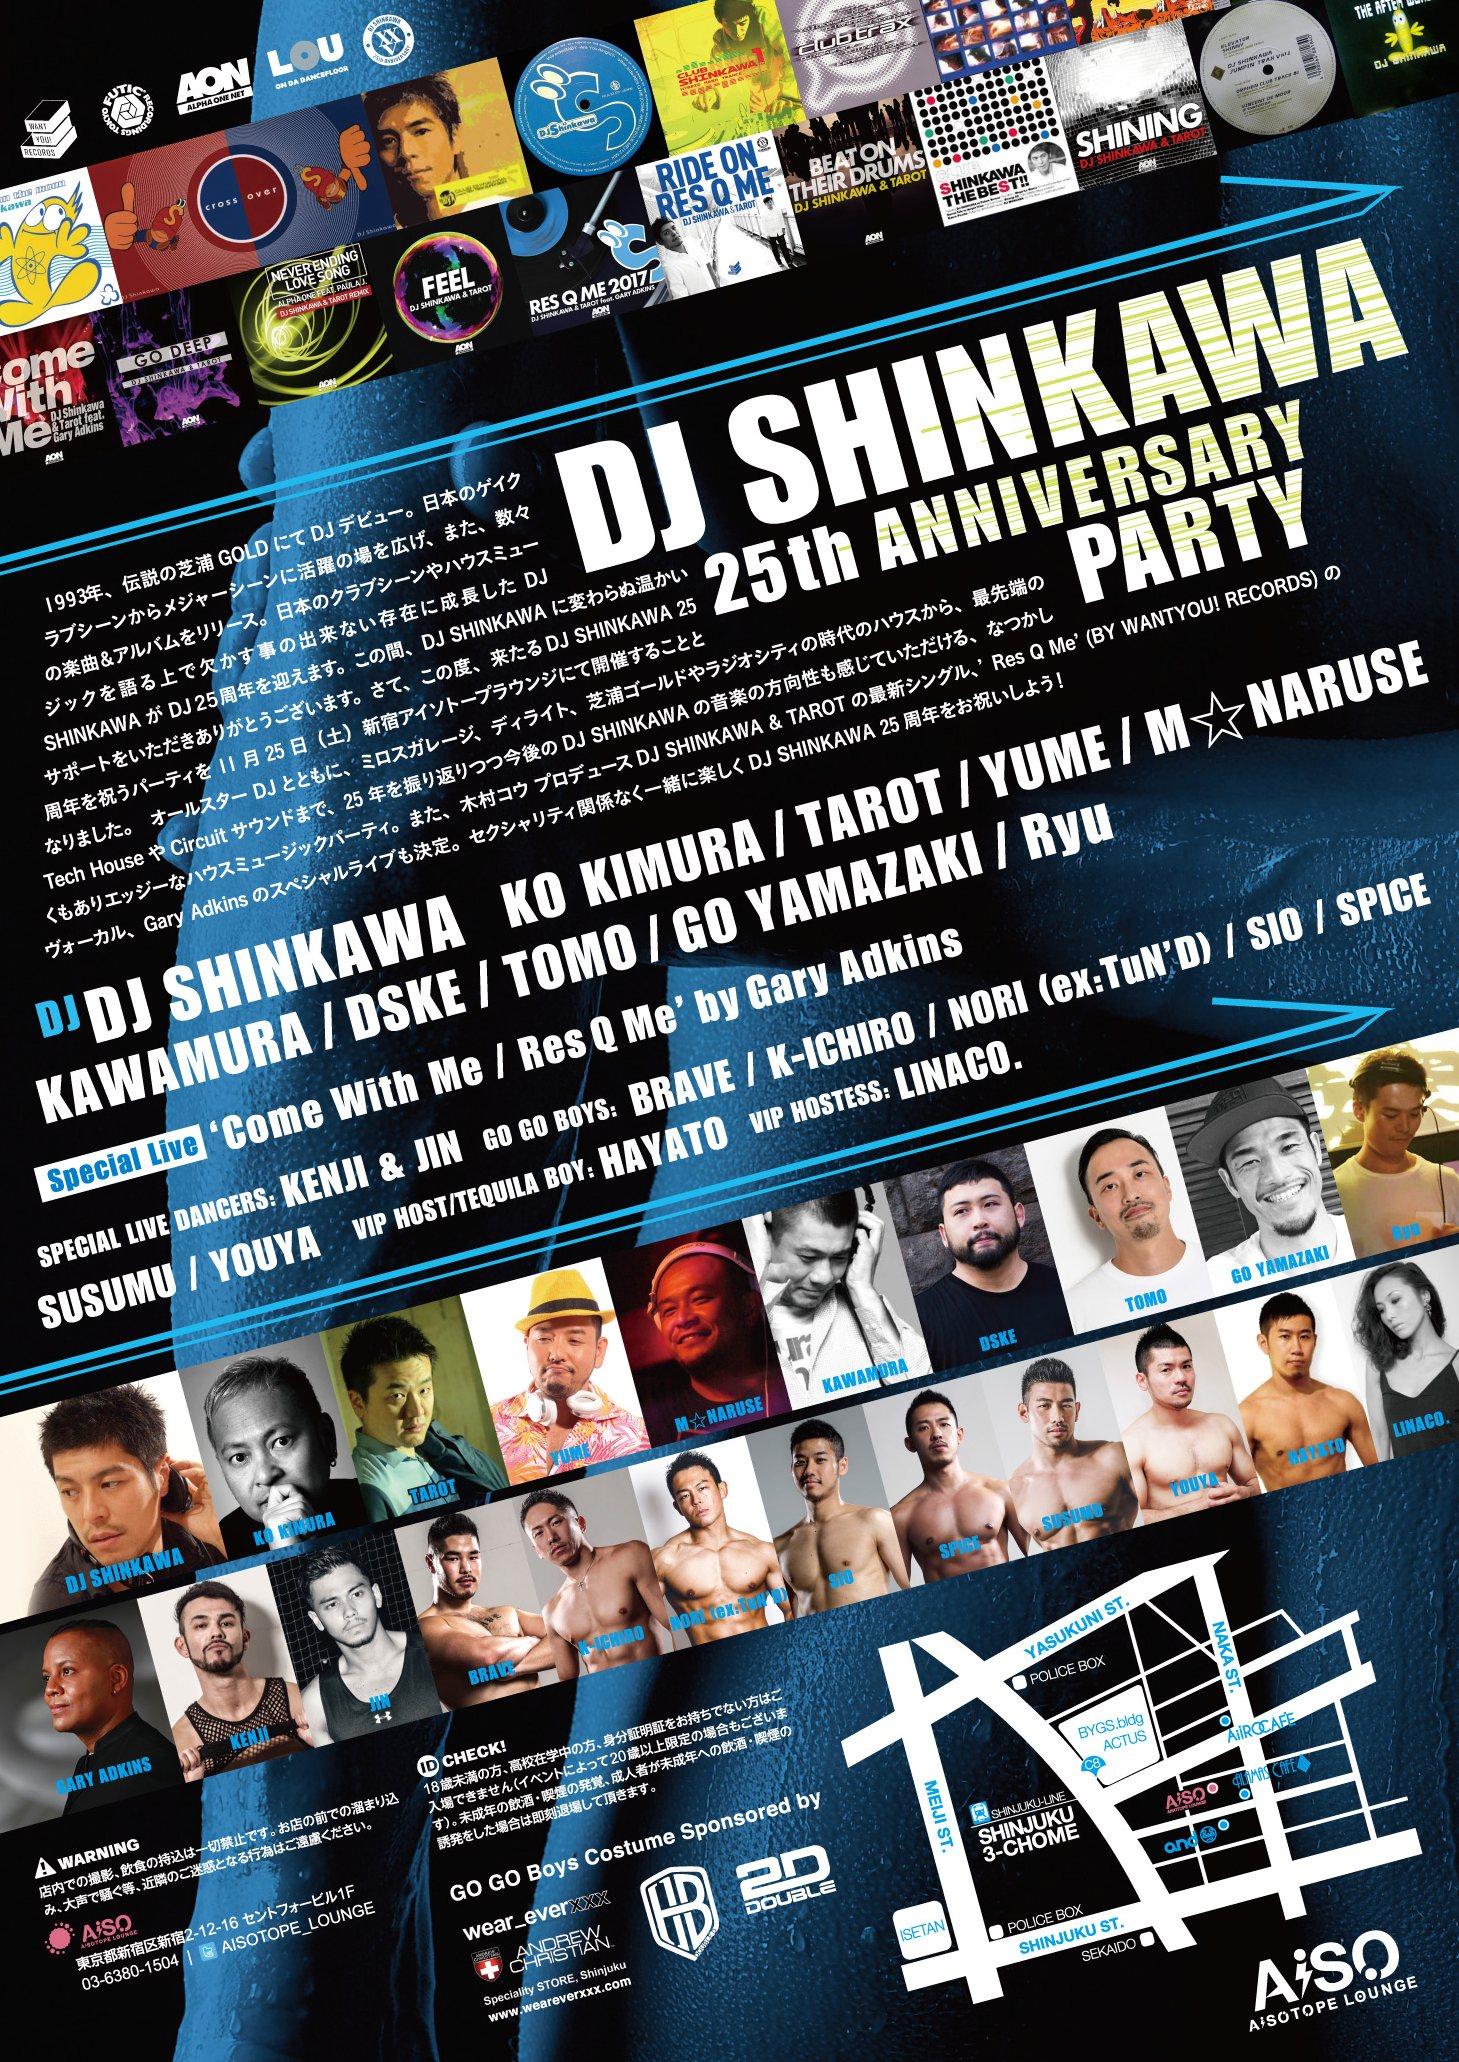 伝説のゲイナイト「GOLD」から現在まで。DJ SHINKAWA の25周年パーティーが開催【GENXY】